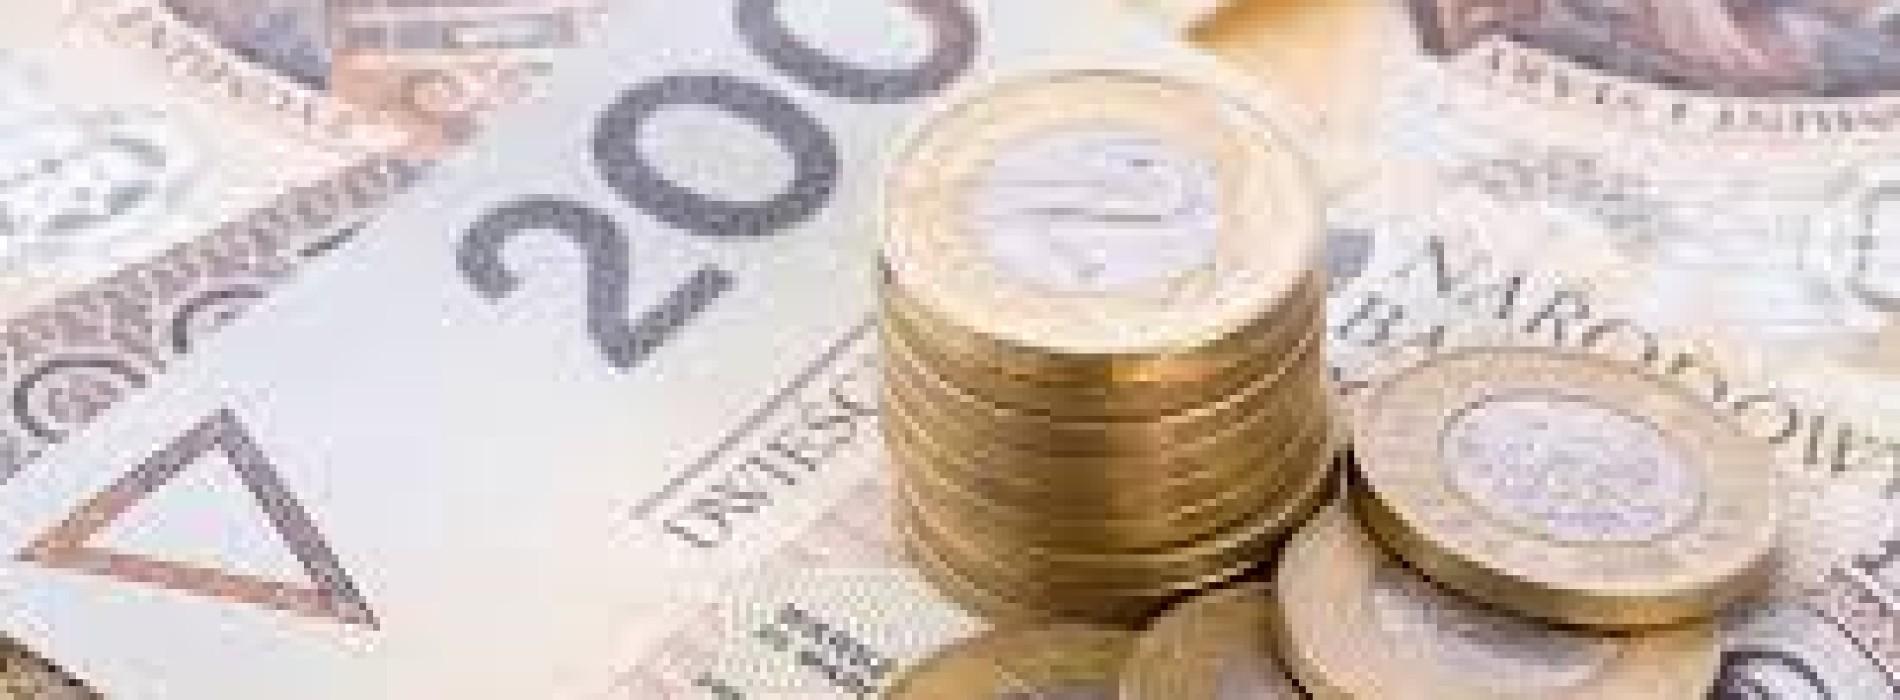 Sklepy internetowe a urzędy skarbowe